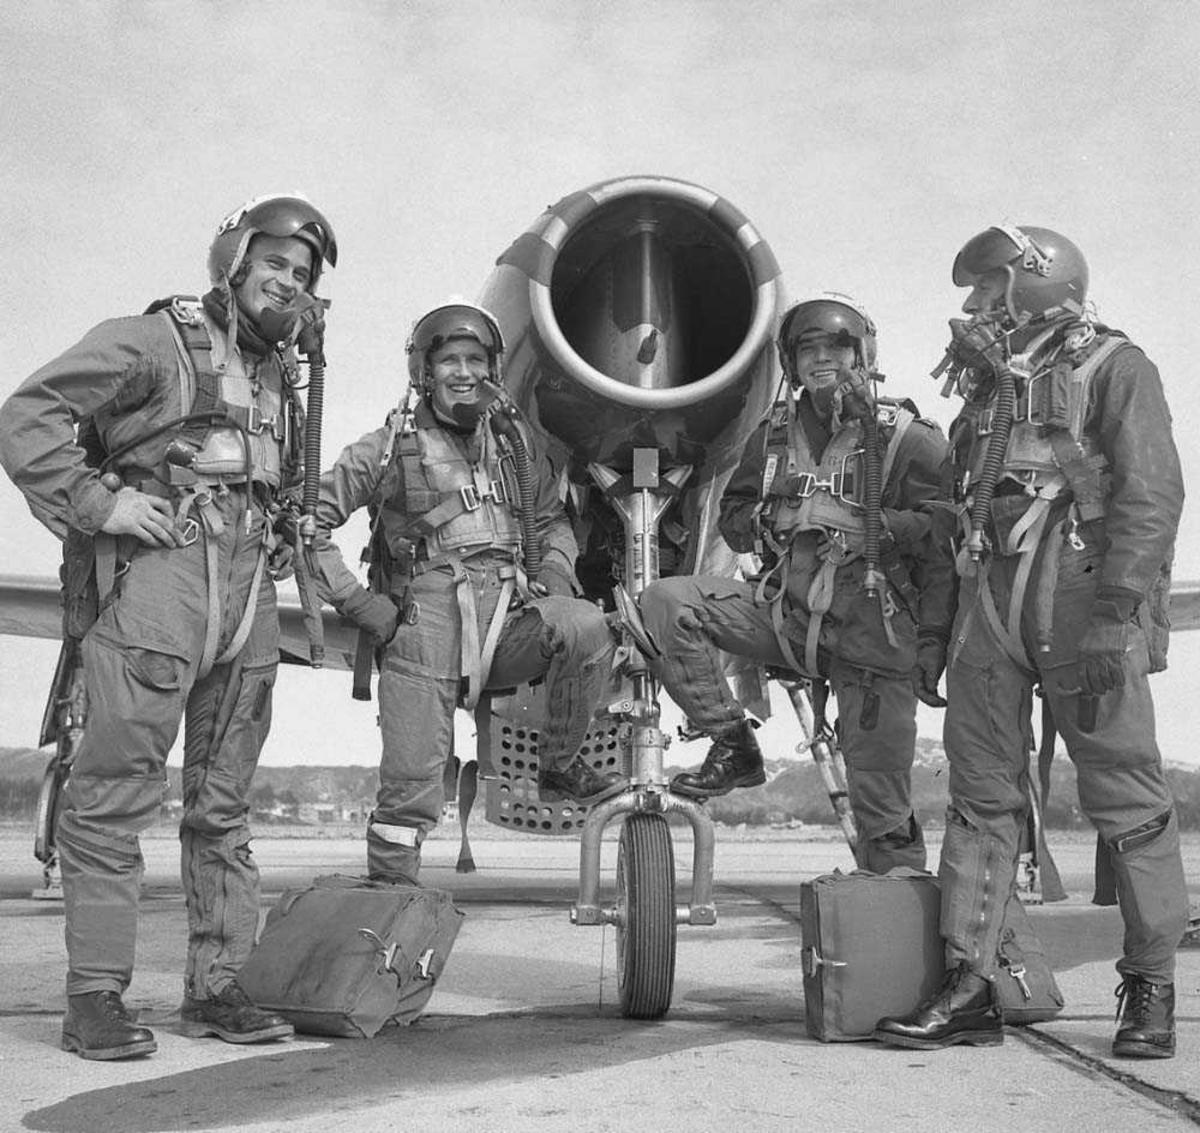 4 flygere fra 334 skvadron, Bodø flystasjon oppstilt ved et jagerfly. Flyet er en Republic F-84G Thunderjet.